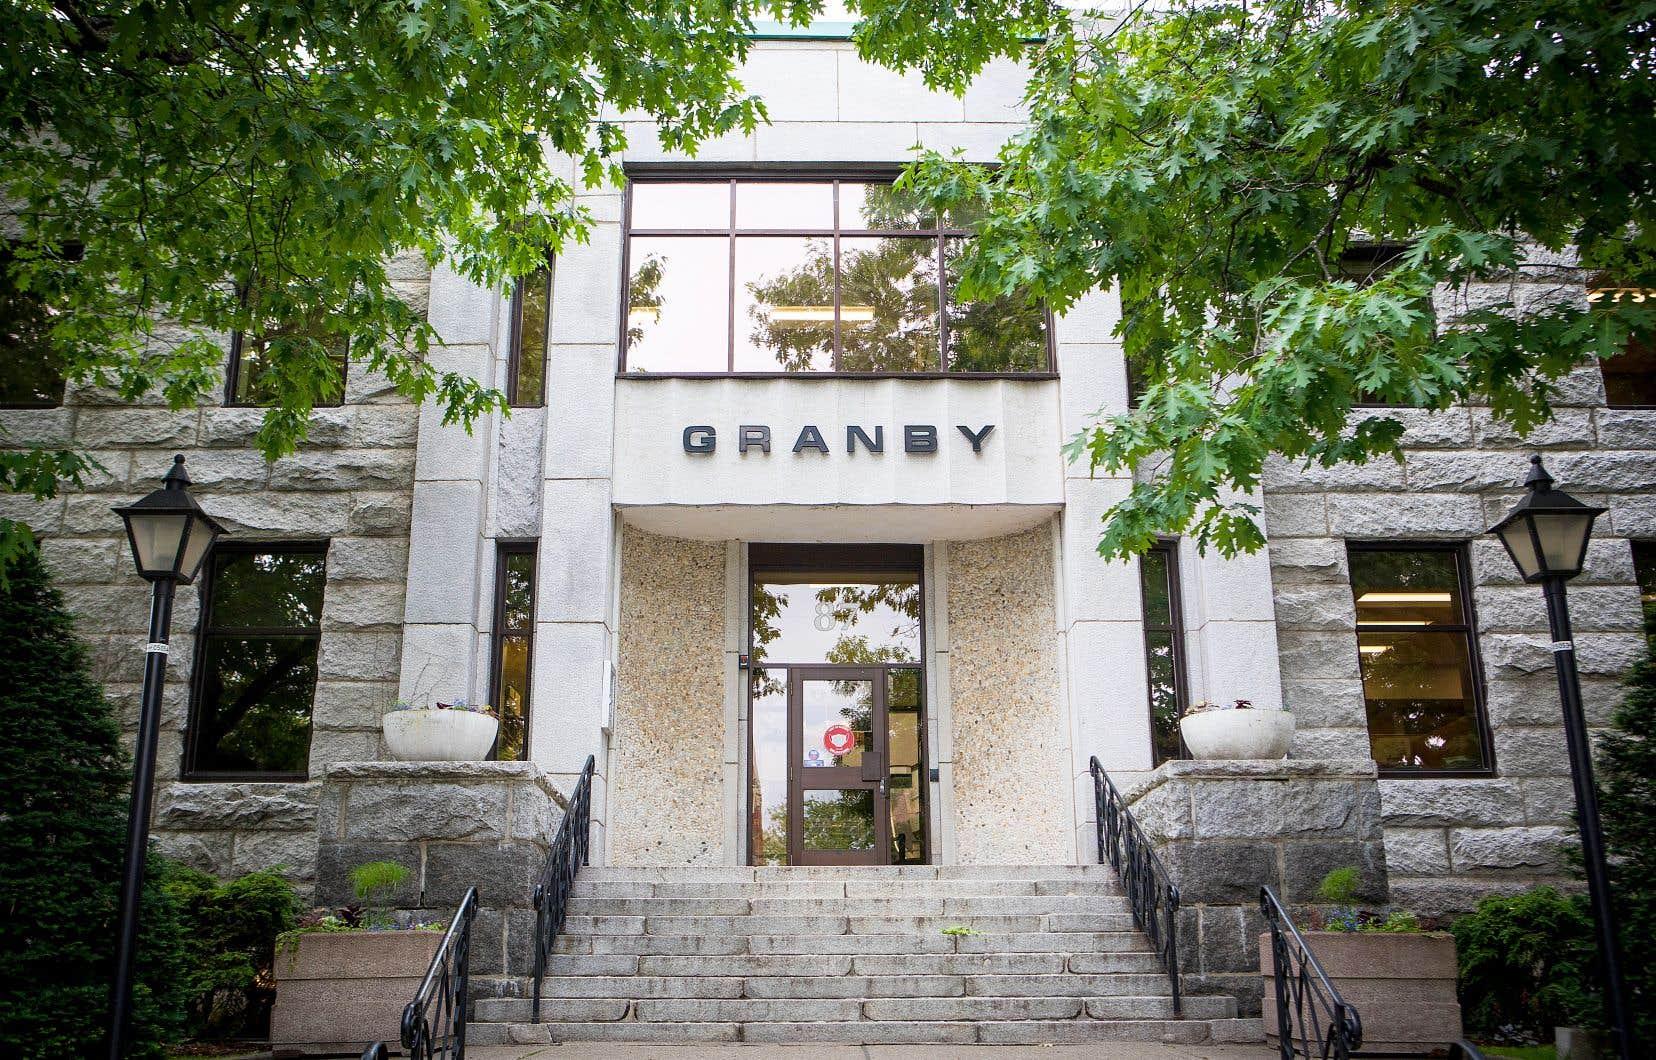 Le standard s'applique «de haut en bas, du politique à n'importe quel employé de la municipalité», explique le maire de Granby, Pascal Bonin.